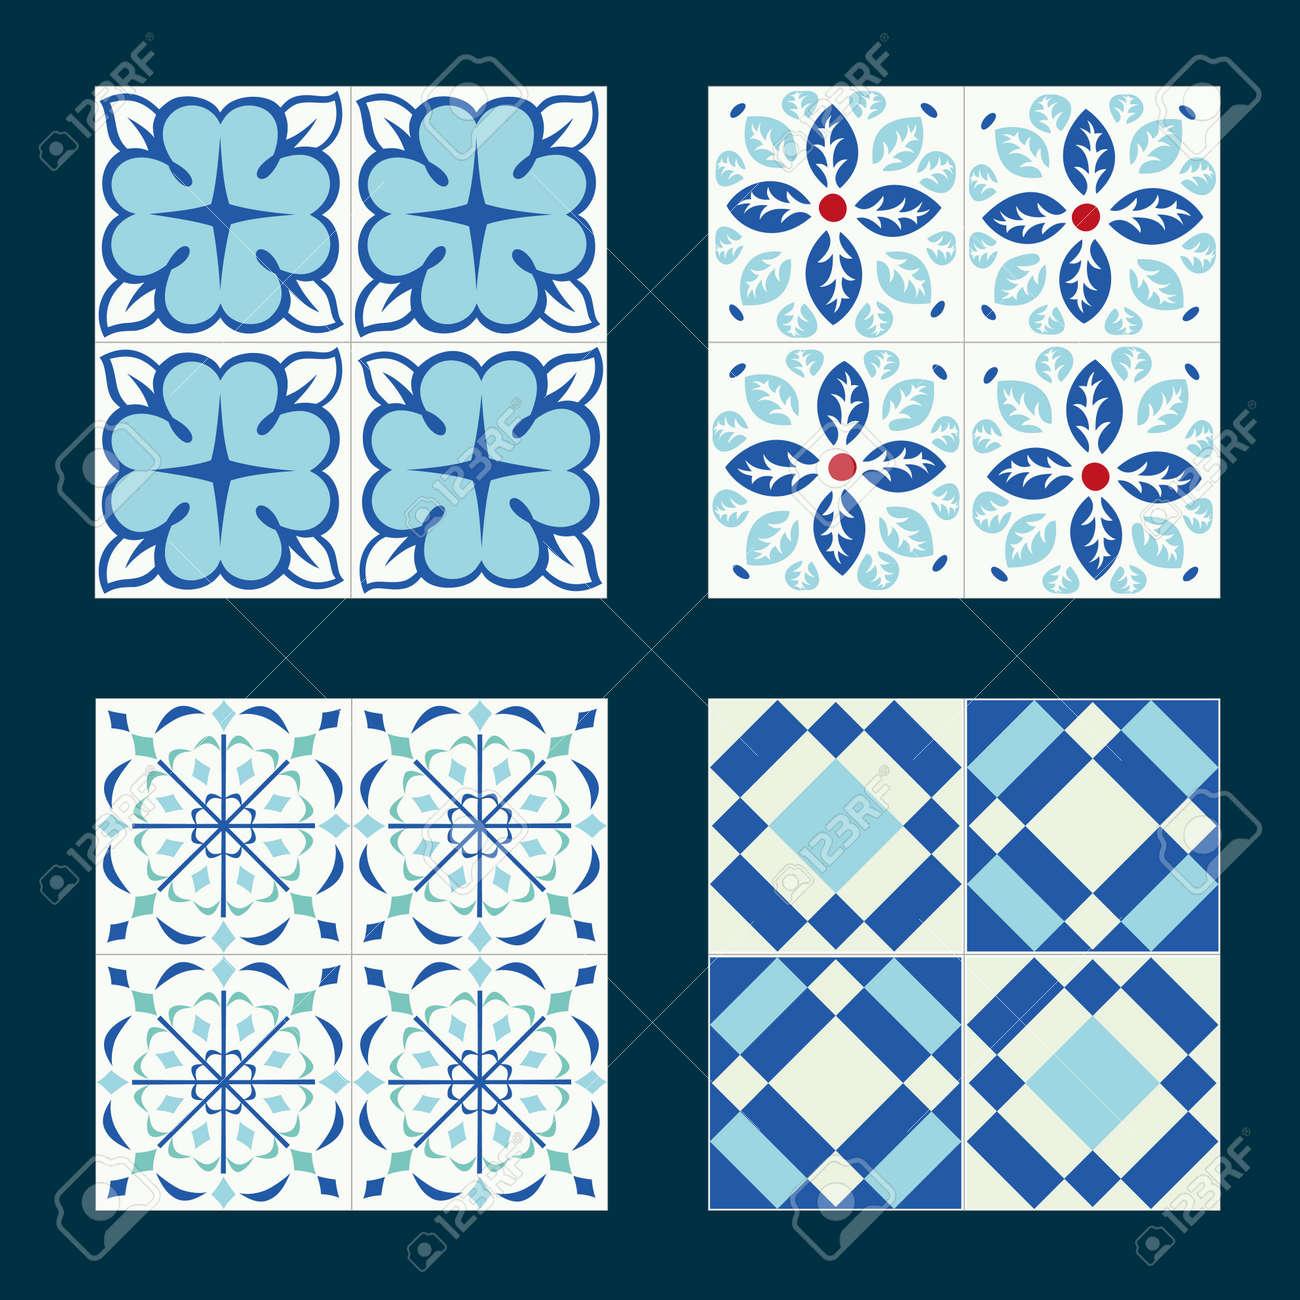 Set Of Vintage Ceramic Tiles In Tile Design With Blue Patterns ...